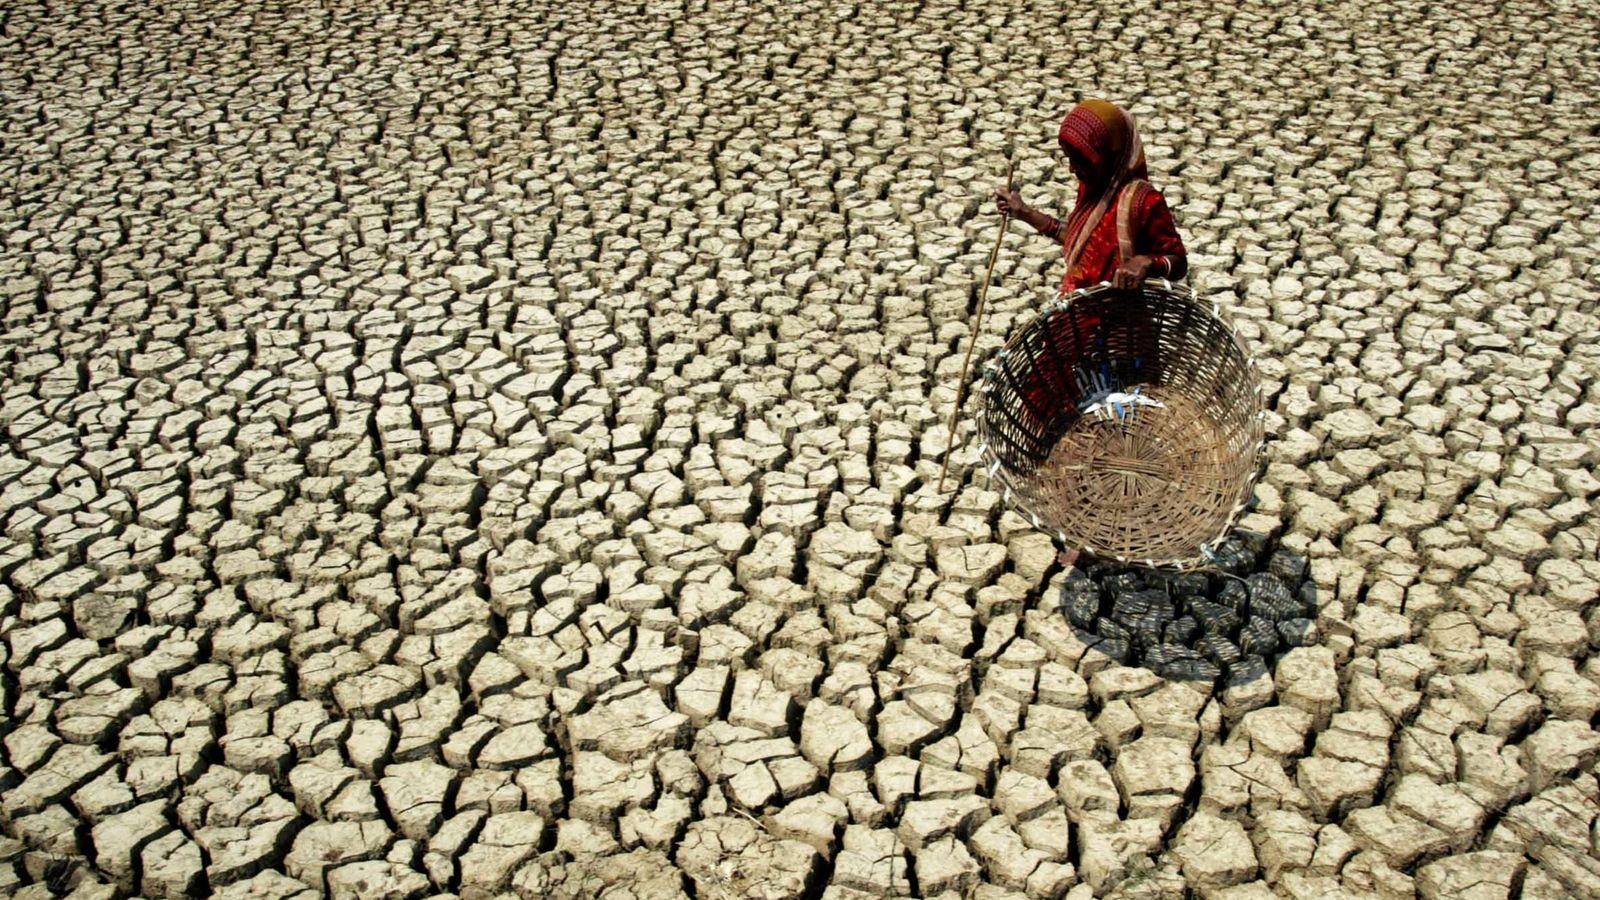 Eine Frau läuft über den ausgetrockneten Boden